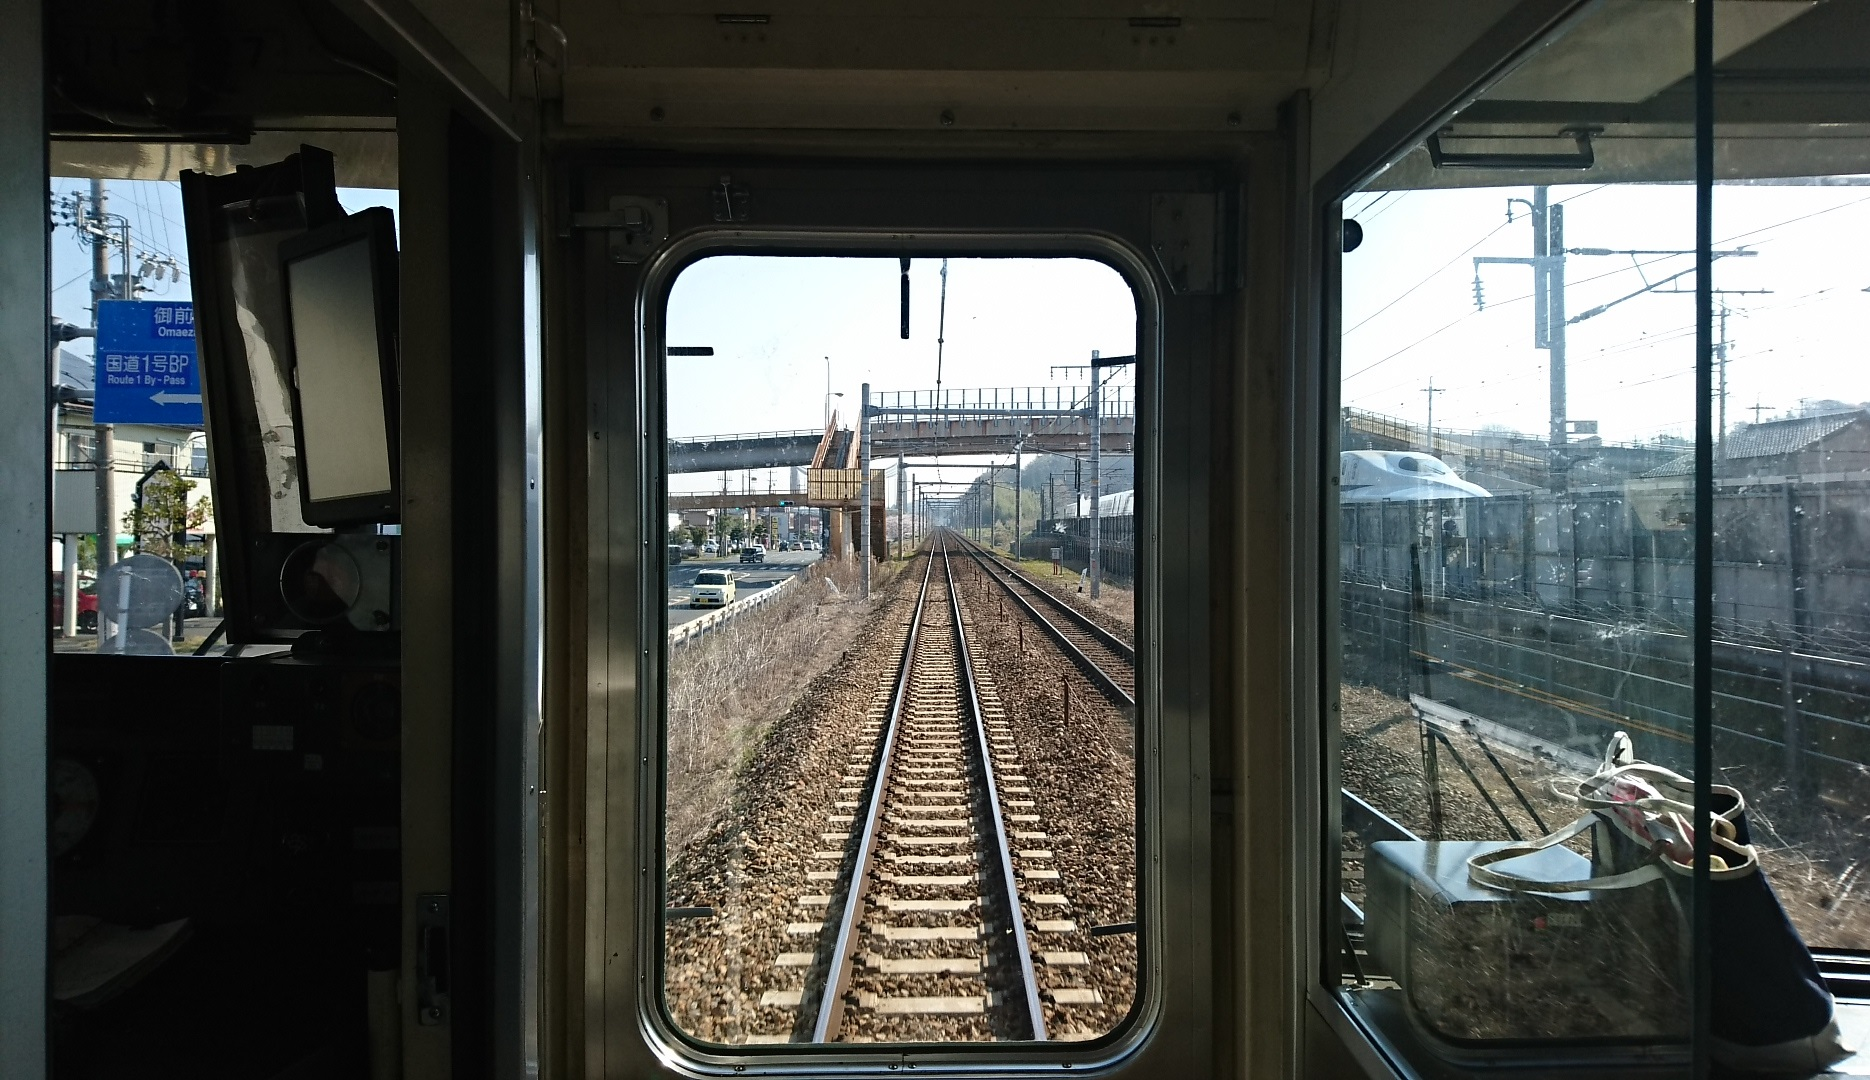 2018.3.28 金谷まで (36) 熱海いきふつう - 掛川-菊川間 1870-1080